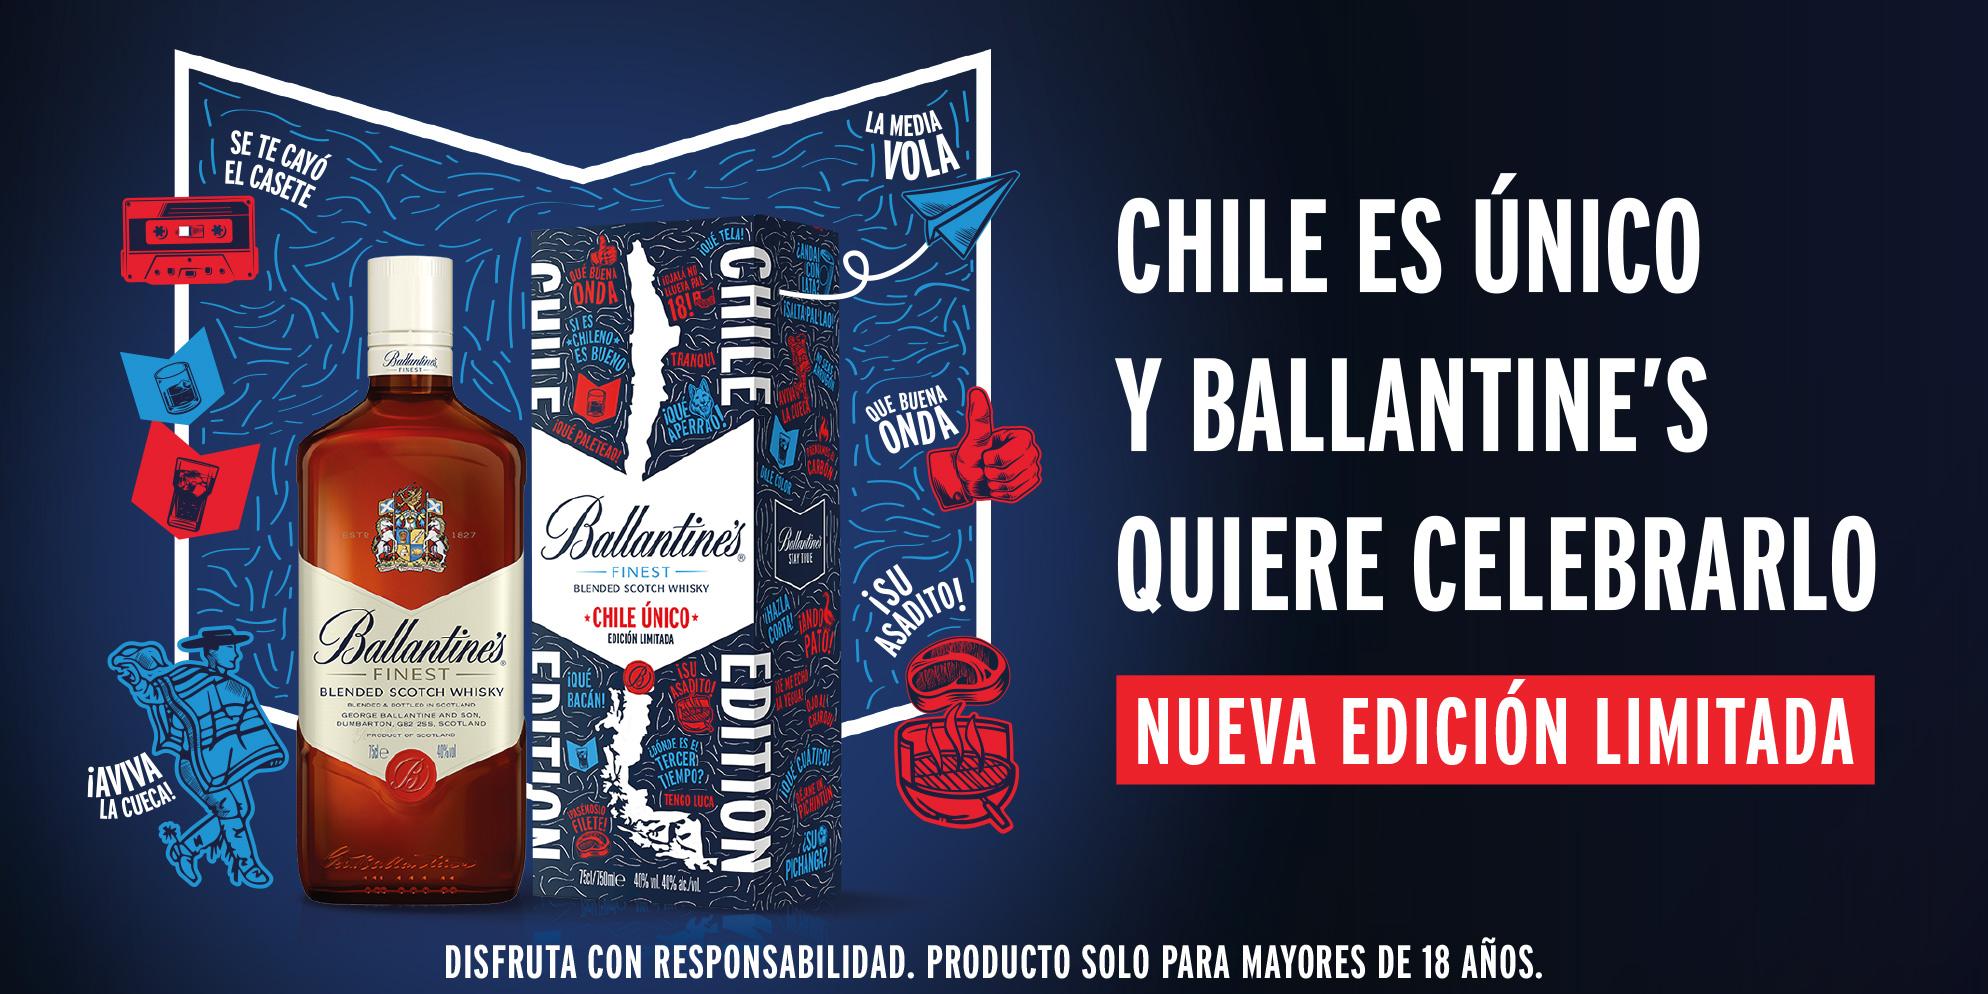 Ballantine's Chile Unico Edición Limitada